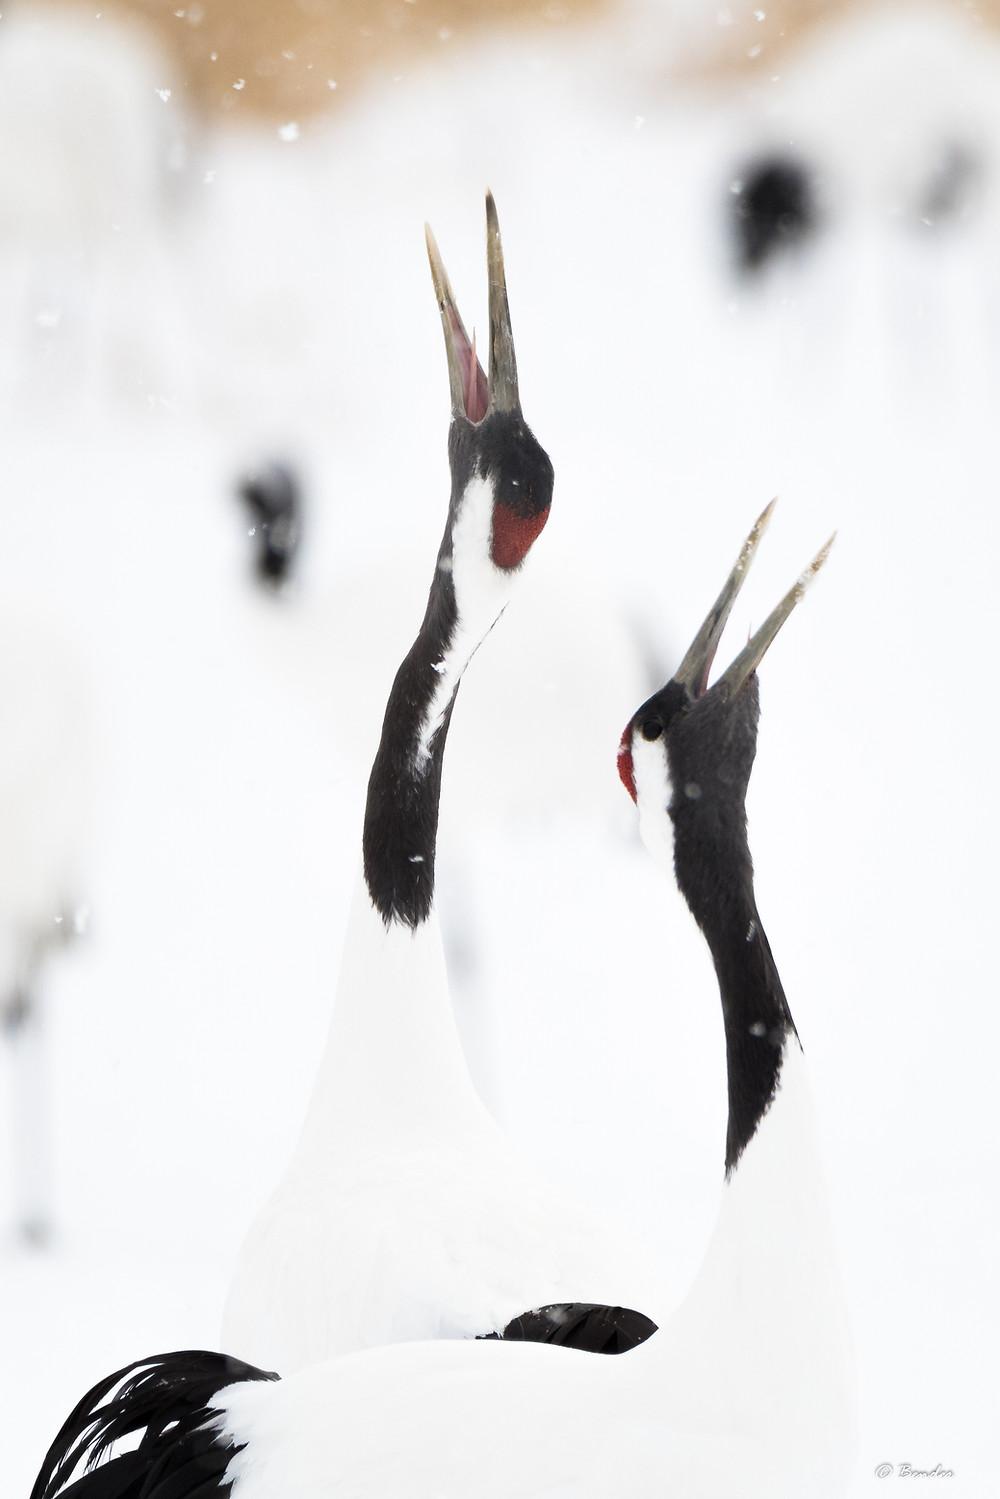 Portrait of singing crane pair